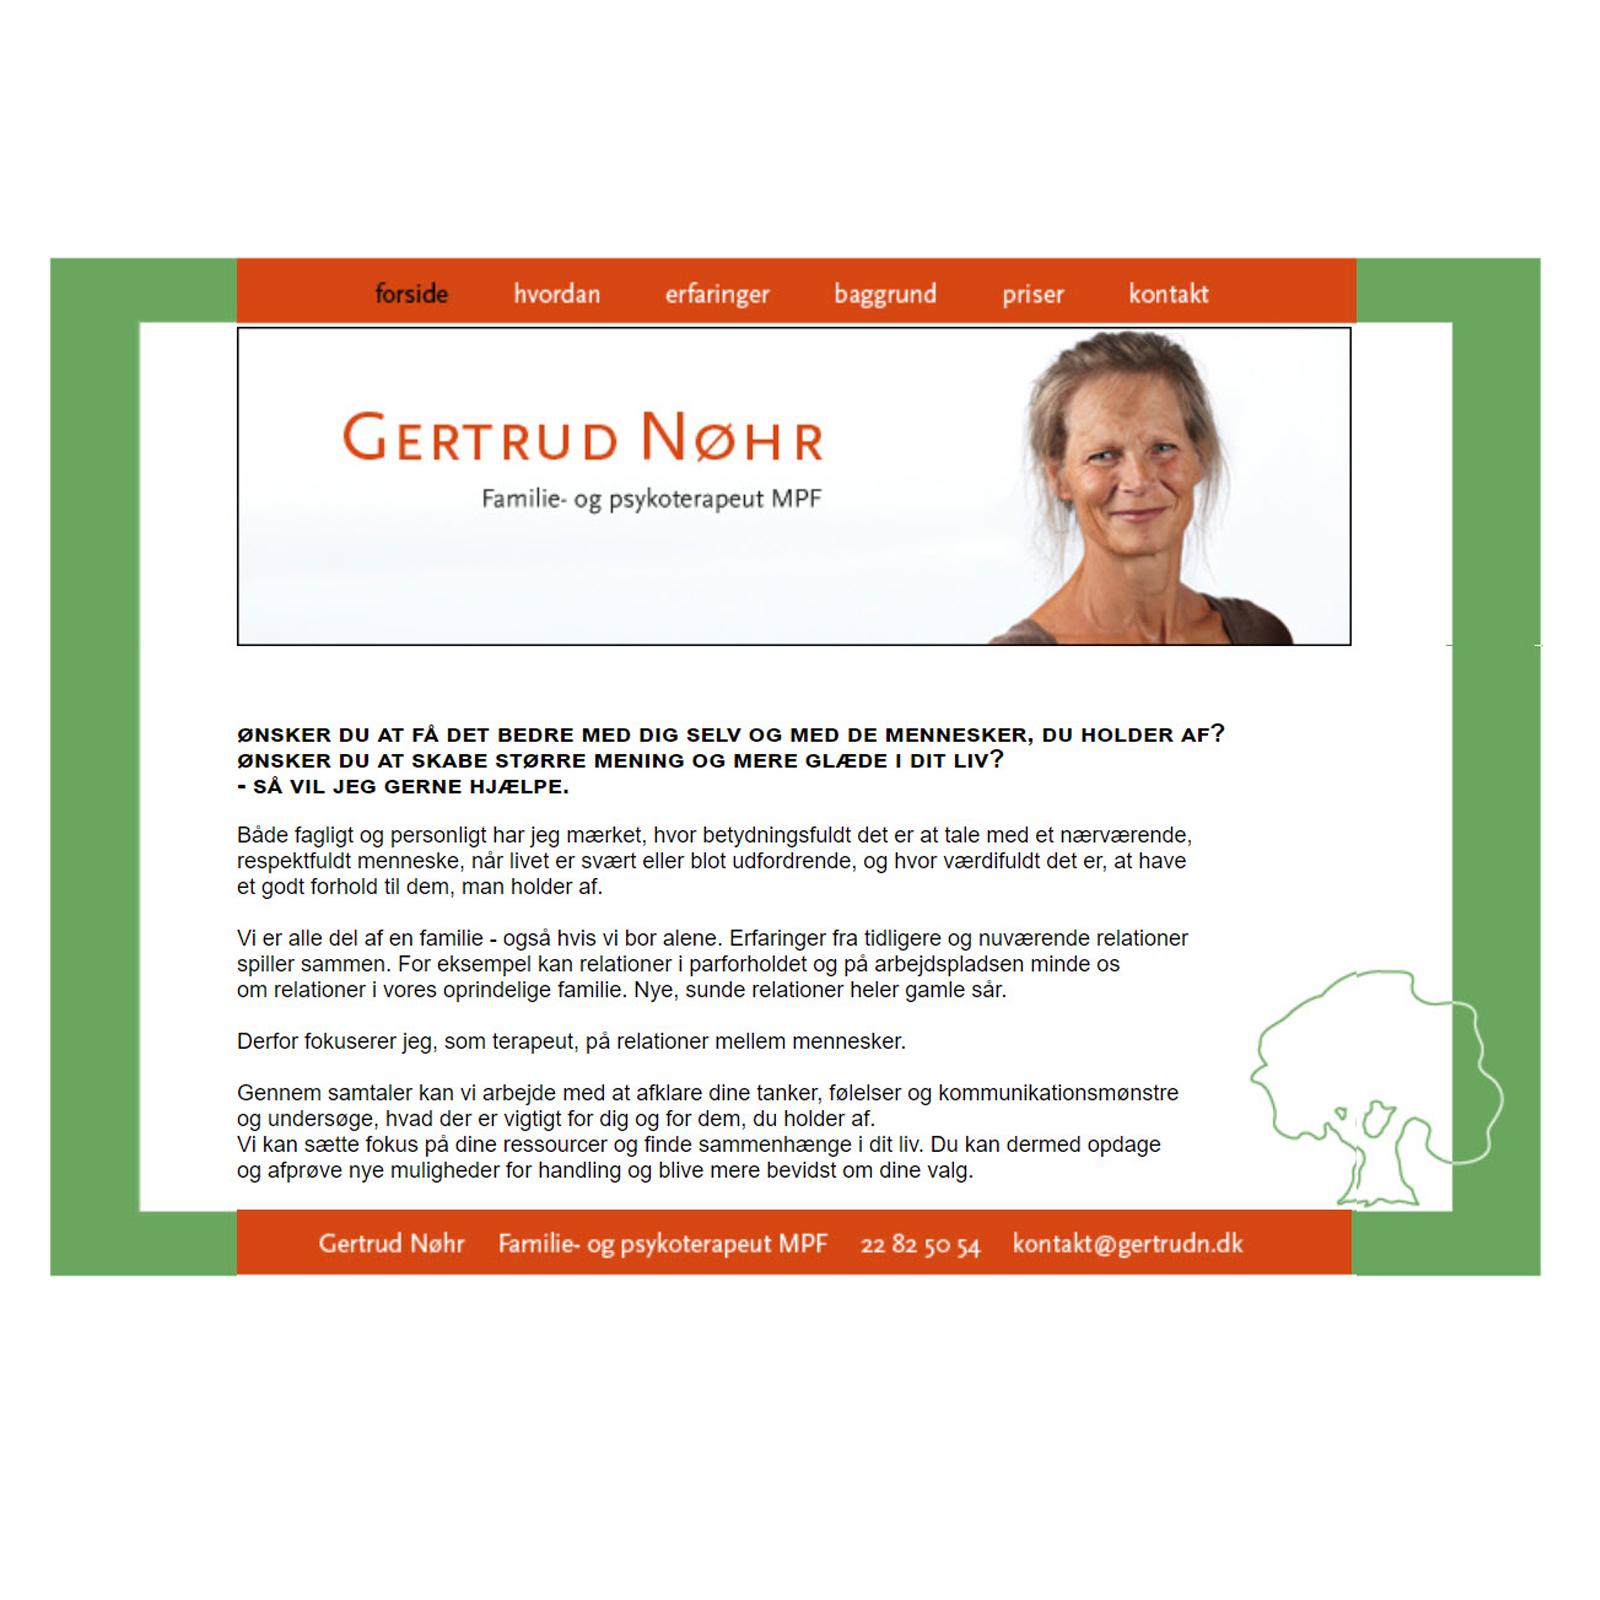 Gertrud Nøhr | Familie- og psykoterapeut MPF